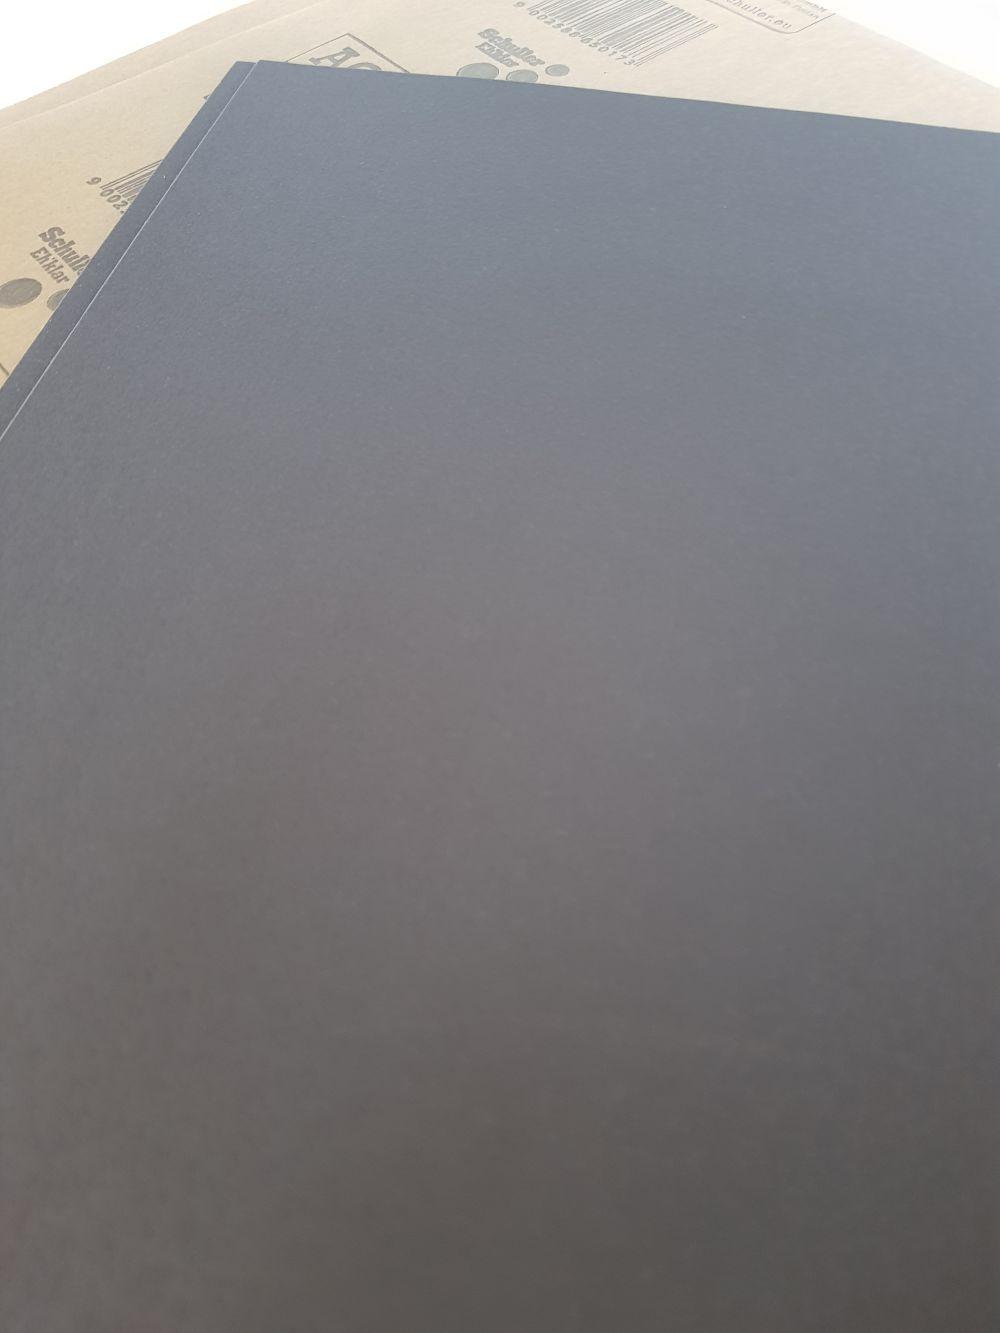 Vizes csiszolópapír P1000 Klingspor BAUplaza Kft.